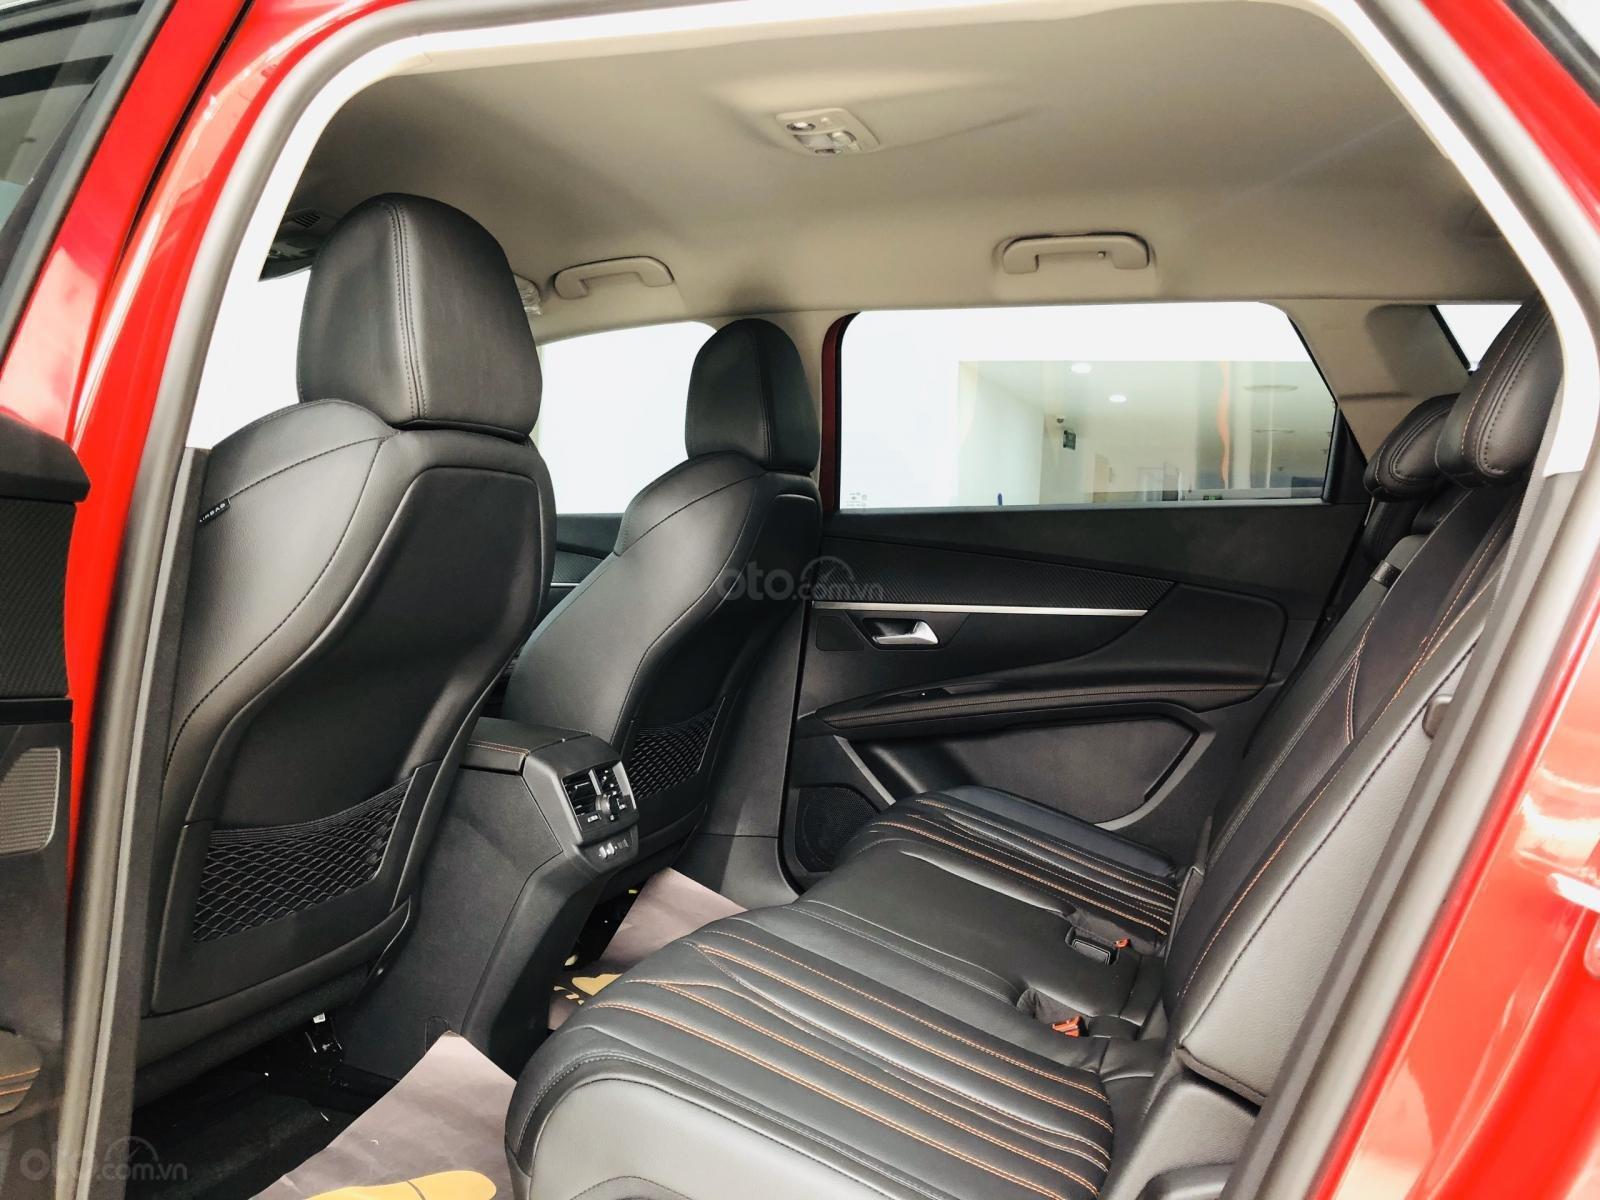 Bán xe Peugeot 3008 năm 2020, giá tốt nhất (5)